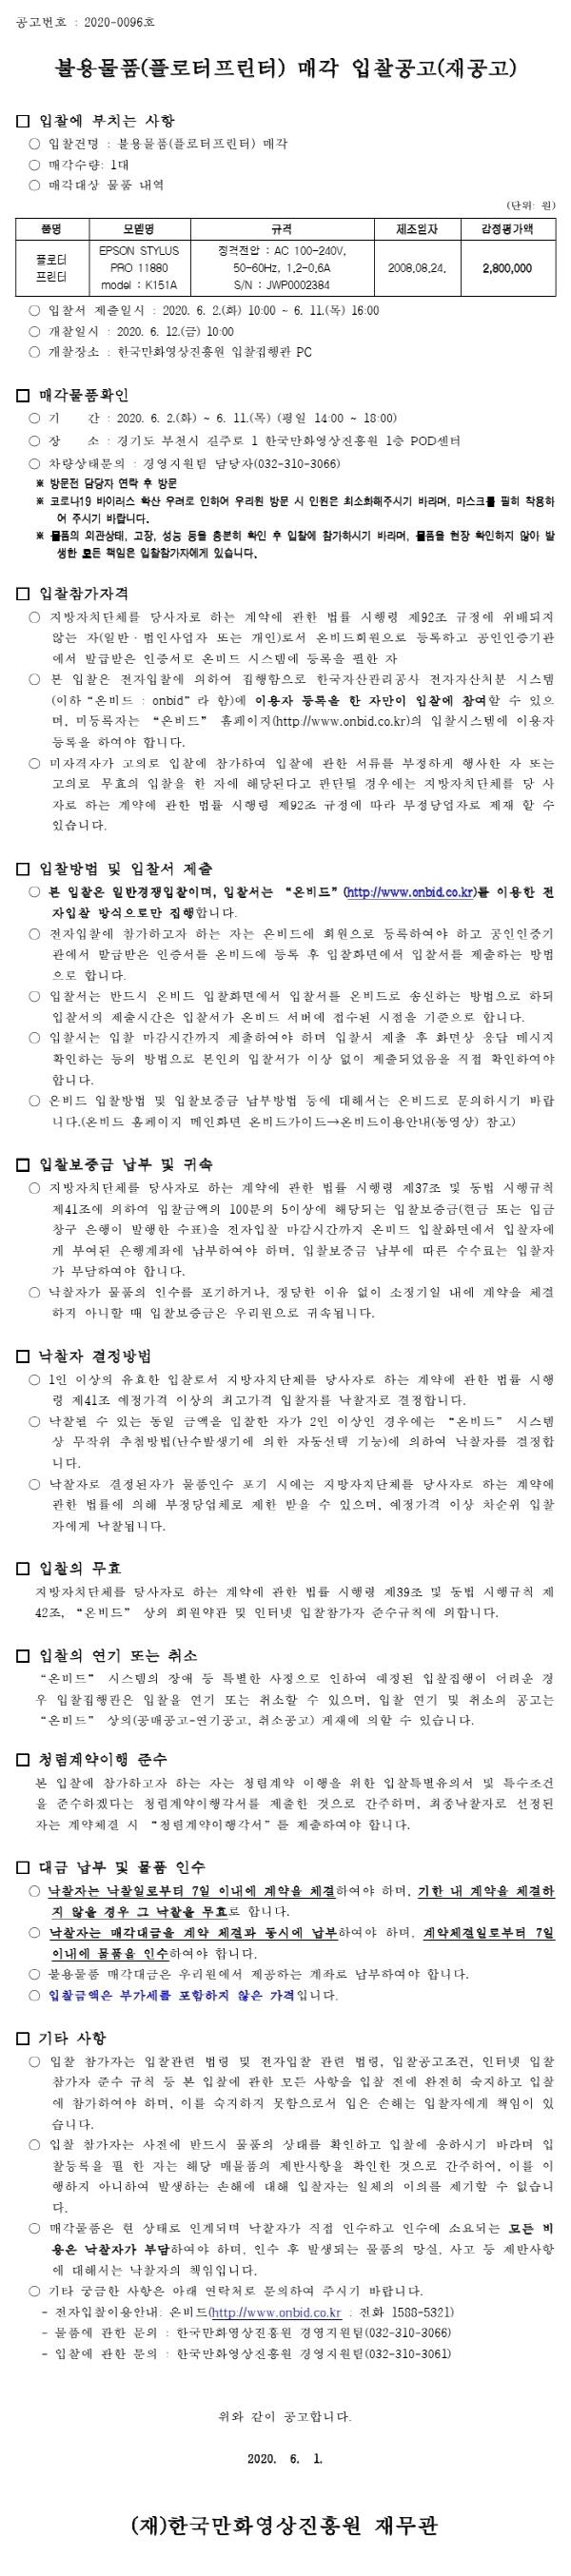 크기변환_200529불용물품(플로터프린터) 매각 전자입찰 공고(재공고).pdf_page_1.jpg